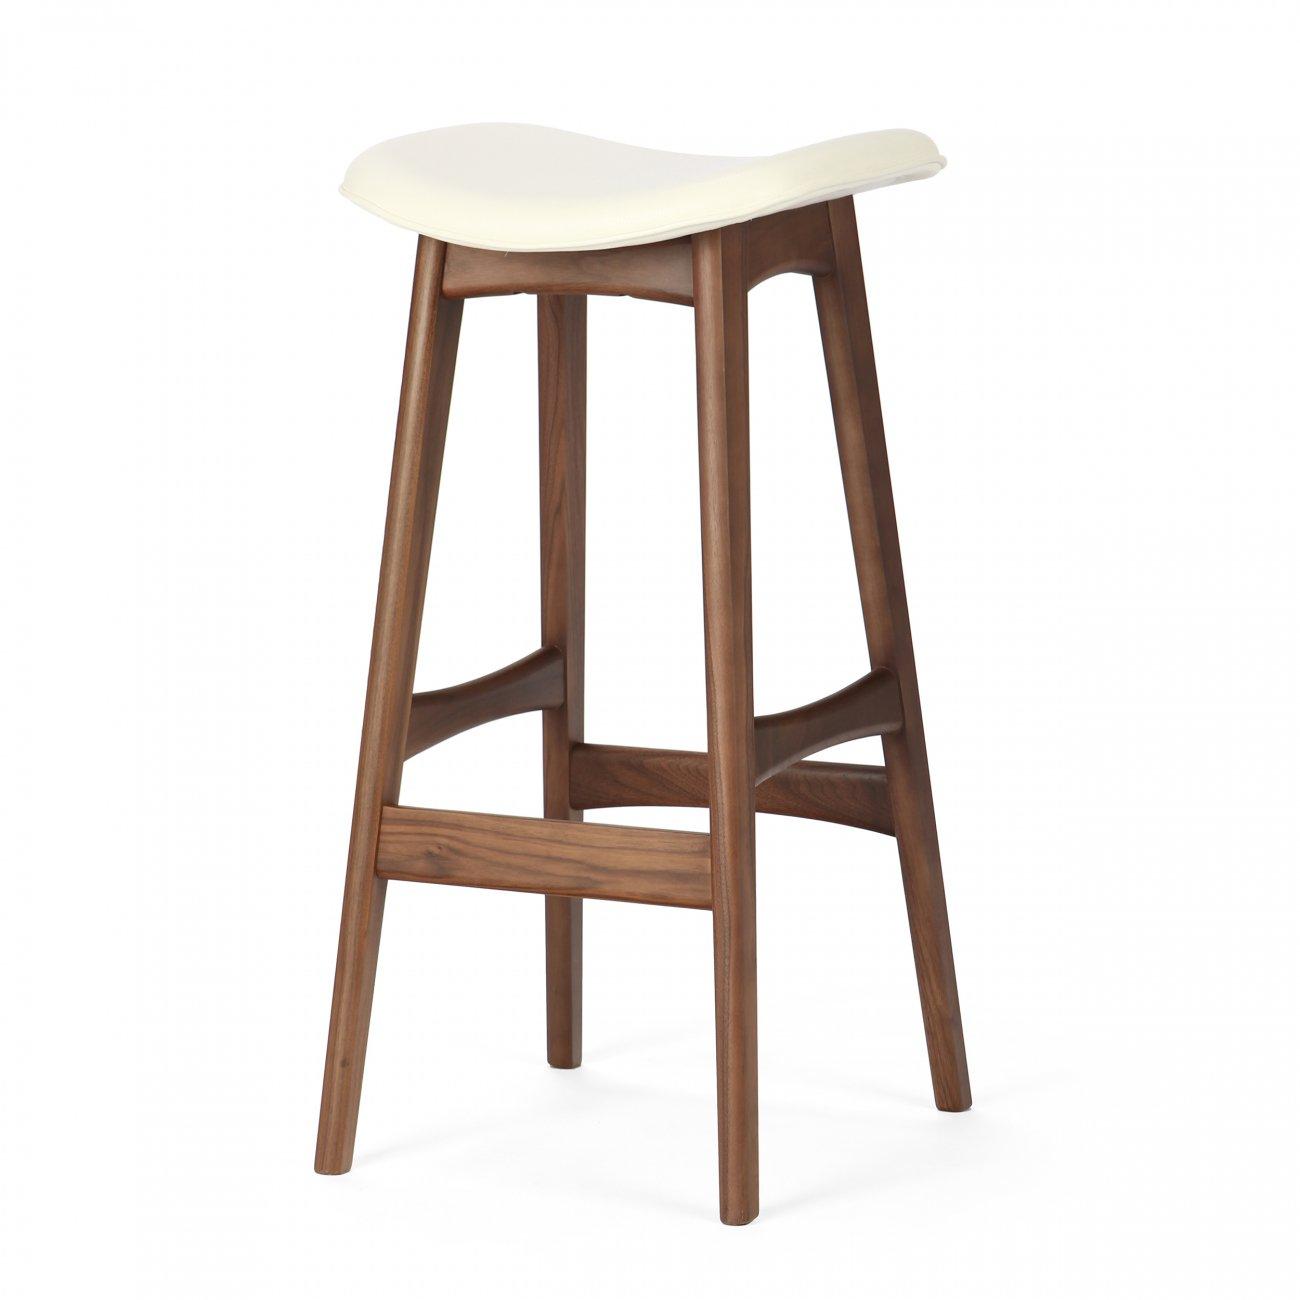 Купить Барный стул Allegra Белый, высокий в интернет магазине дизайнерской мебели и аксессуаров для дома и дачи